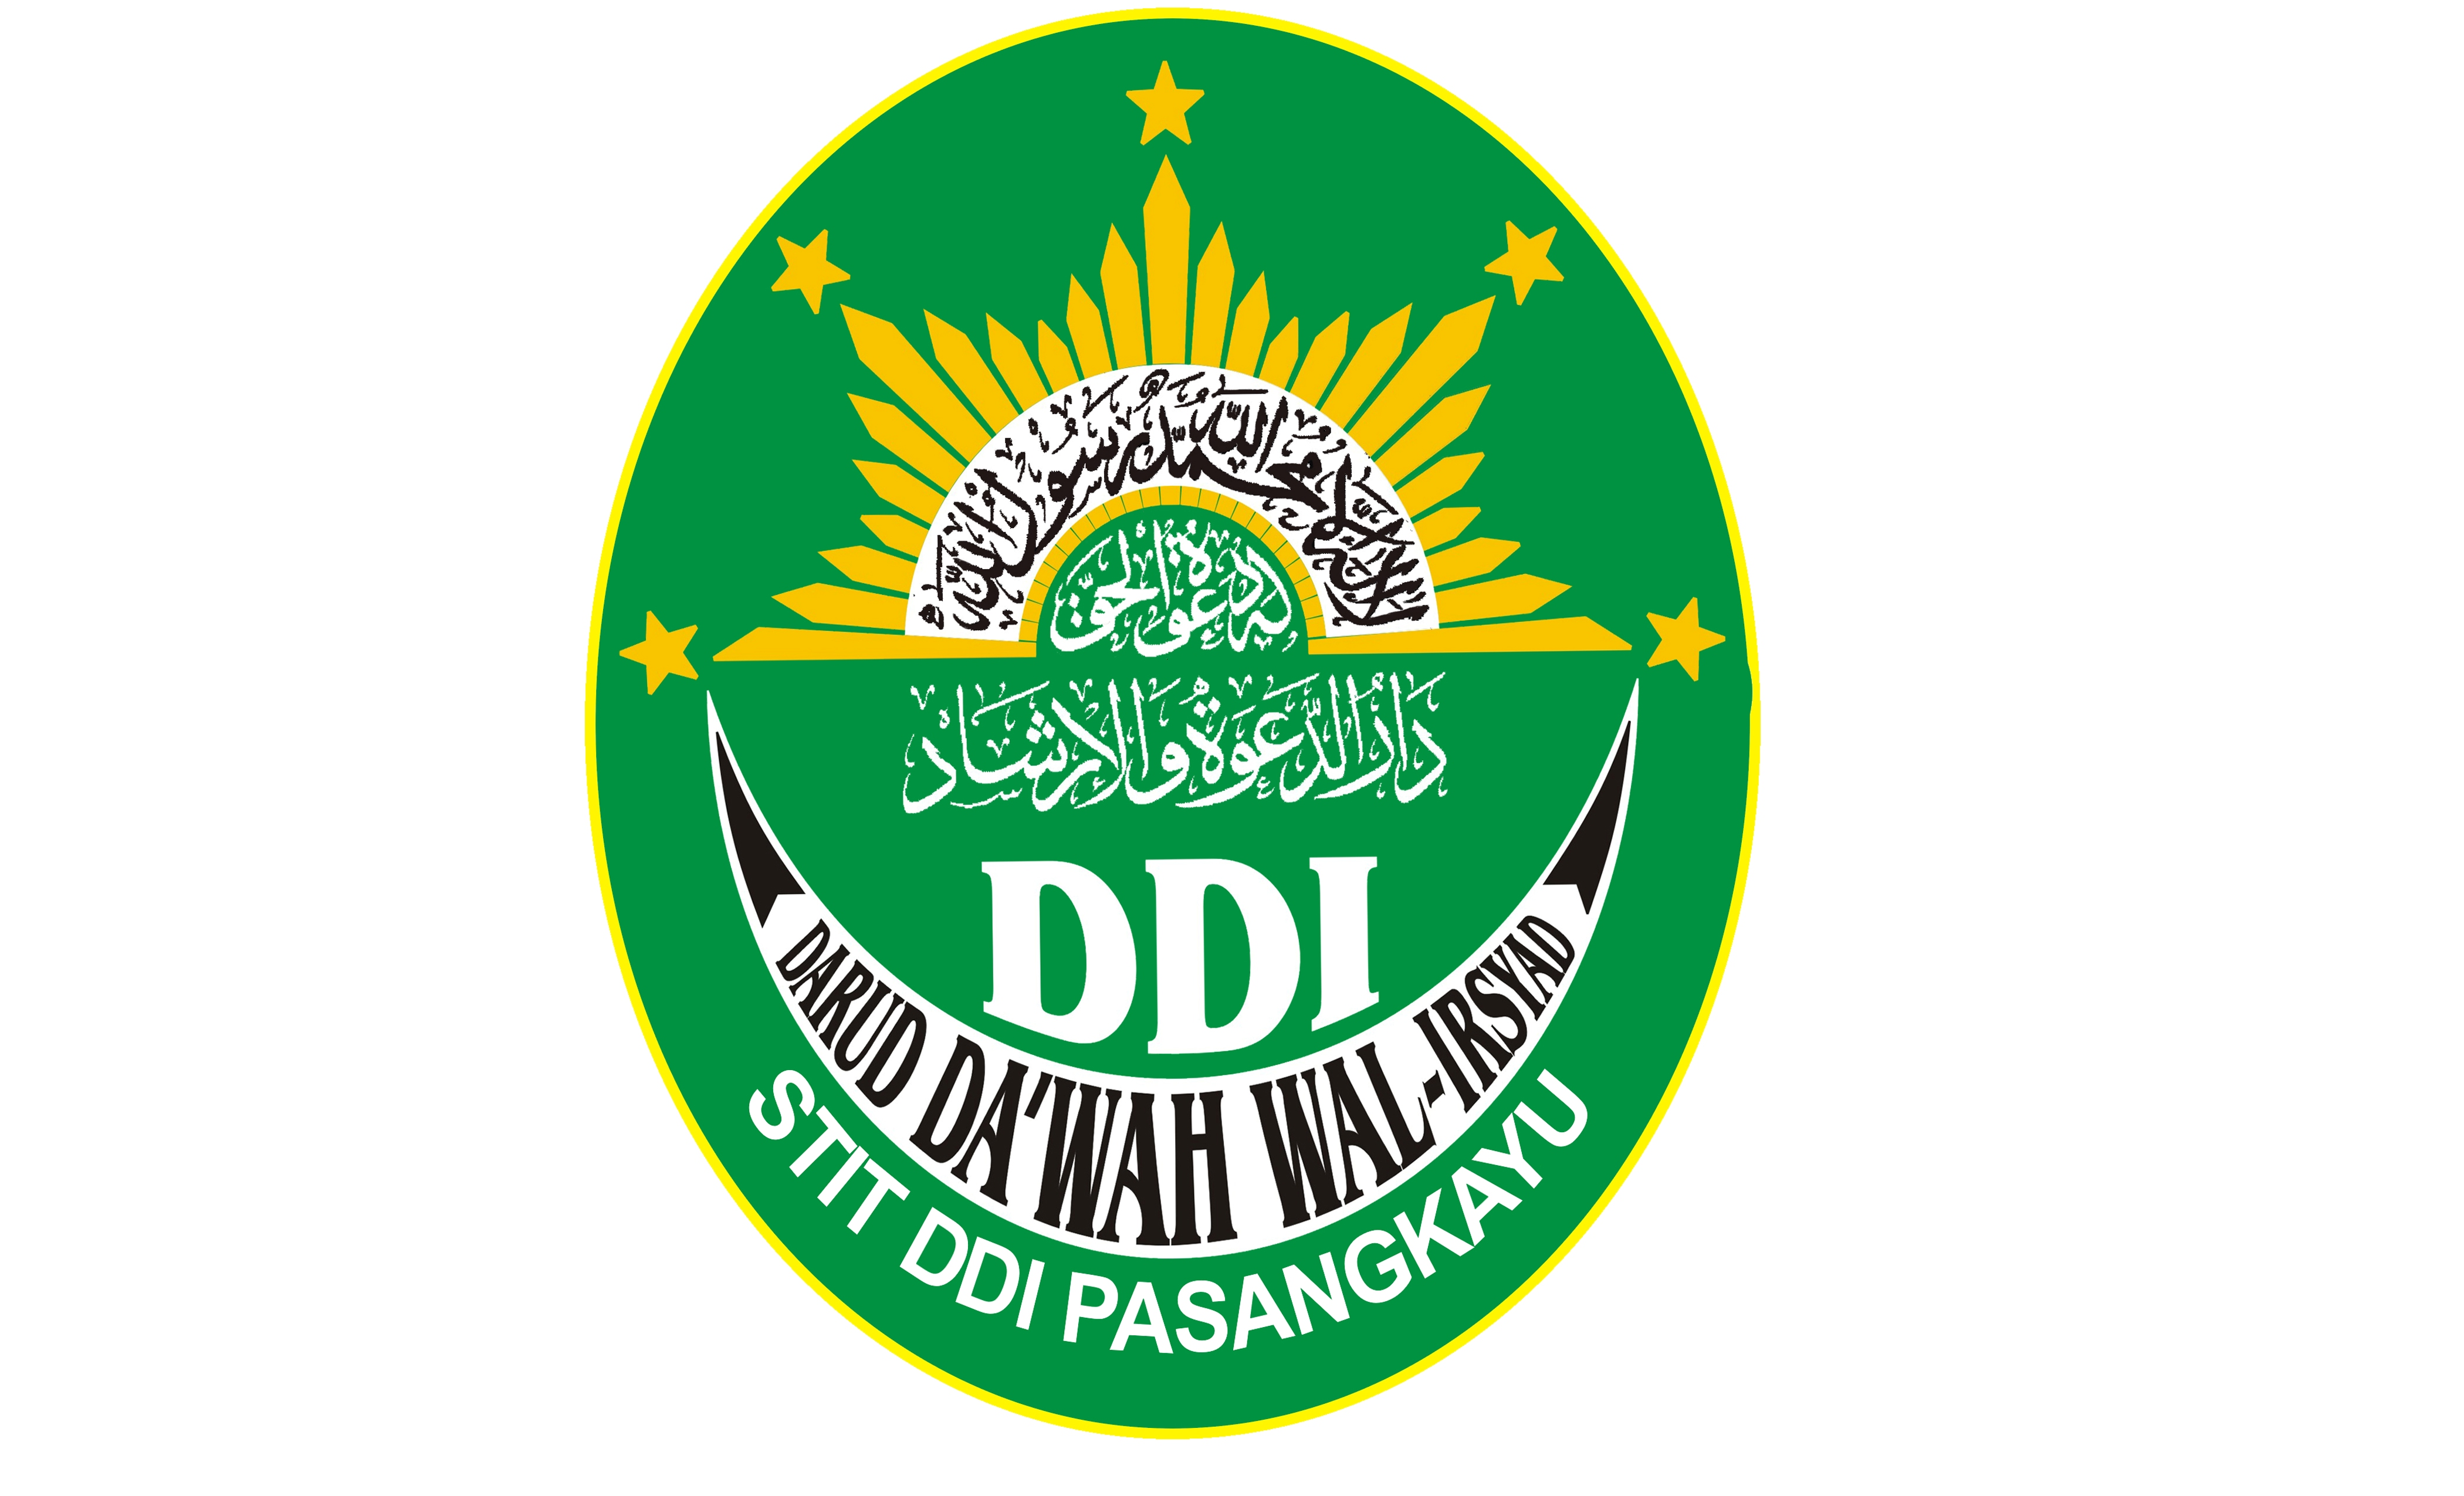 Logo STIT DDIPasangkayu